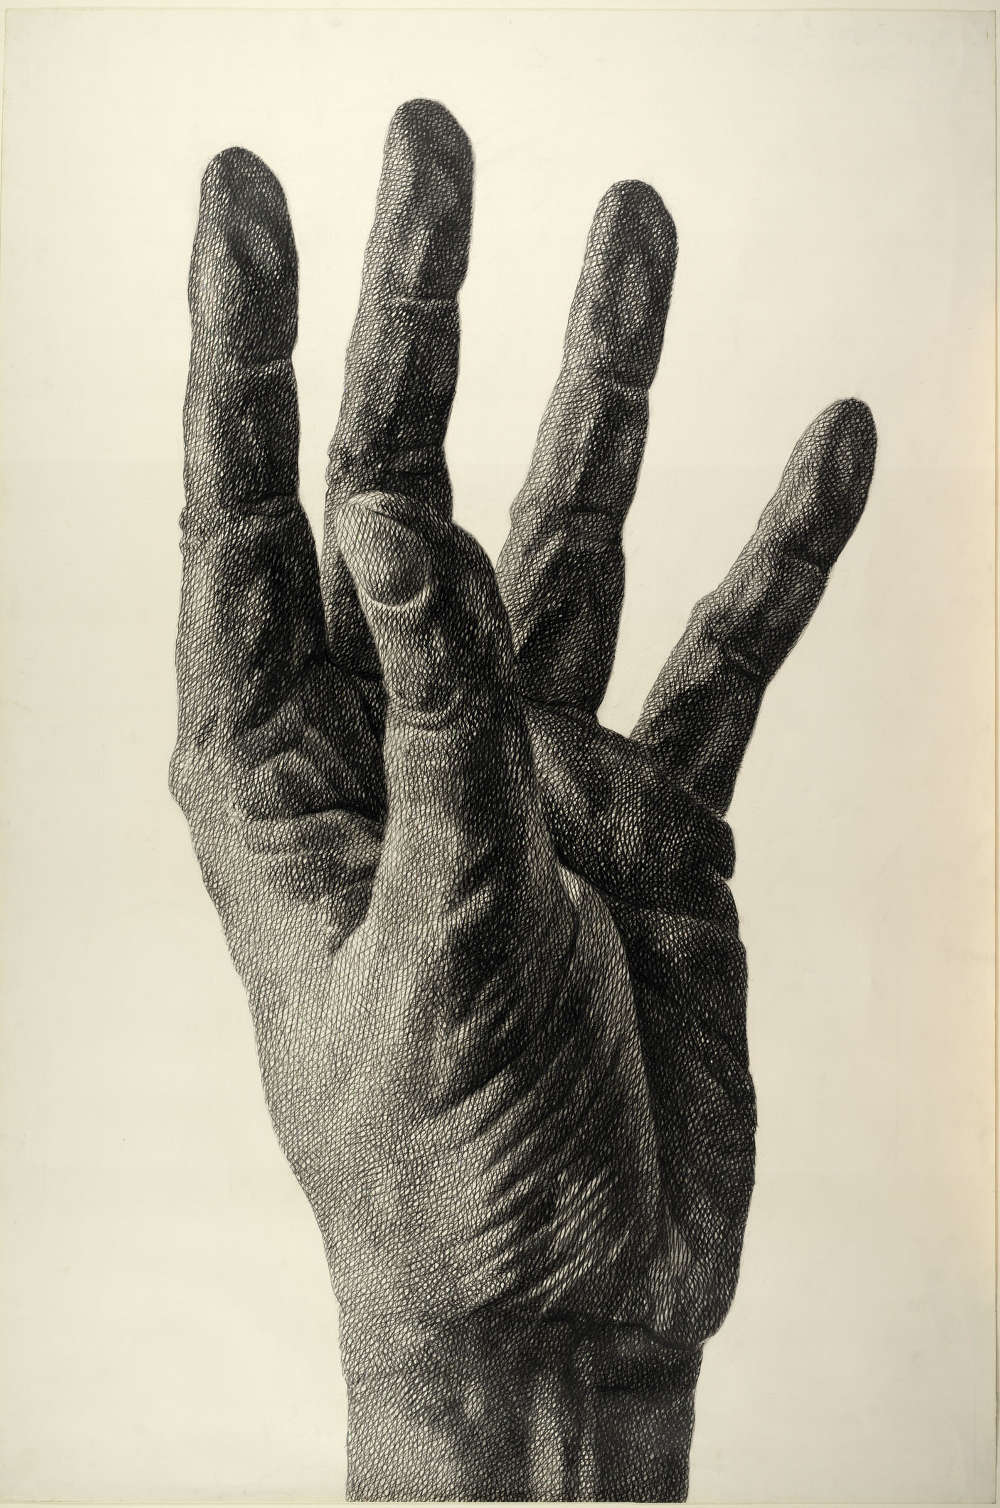 Florentina Pakosta, Aufstrebende Hand, 1980 (Albertina, Wien © Bildrecht, Wien, 2017)